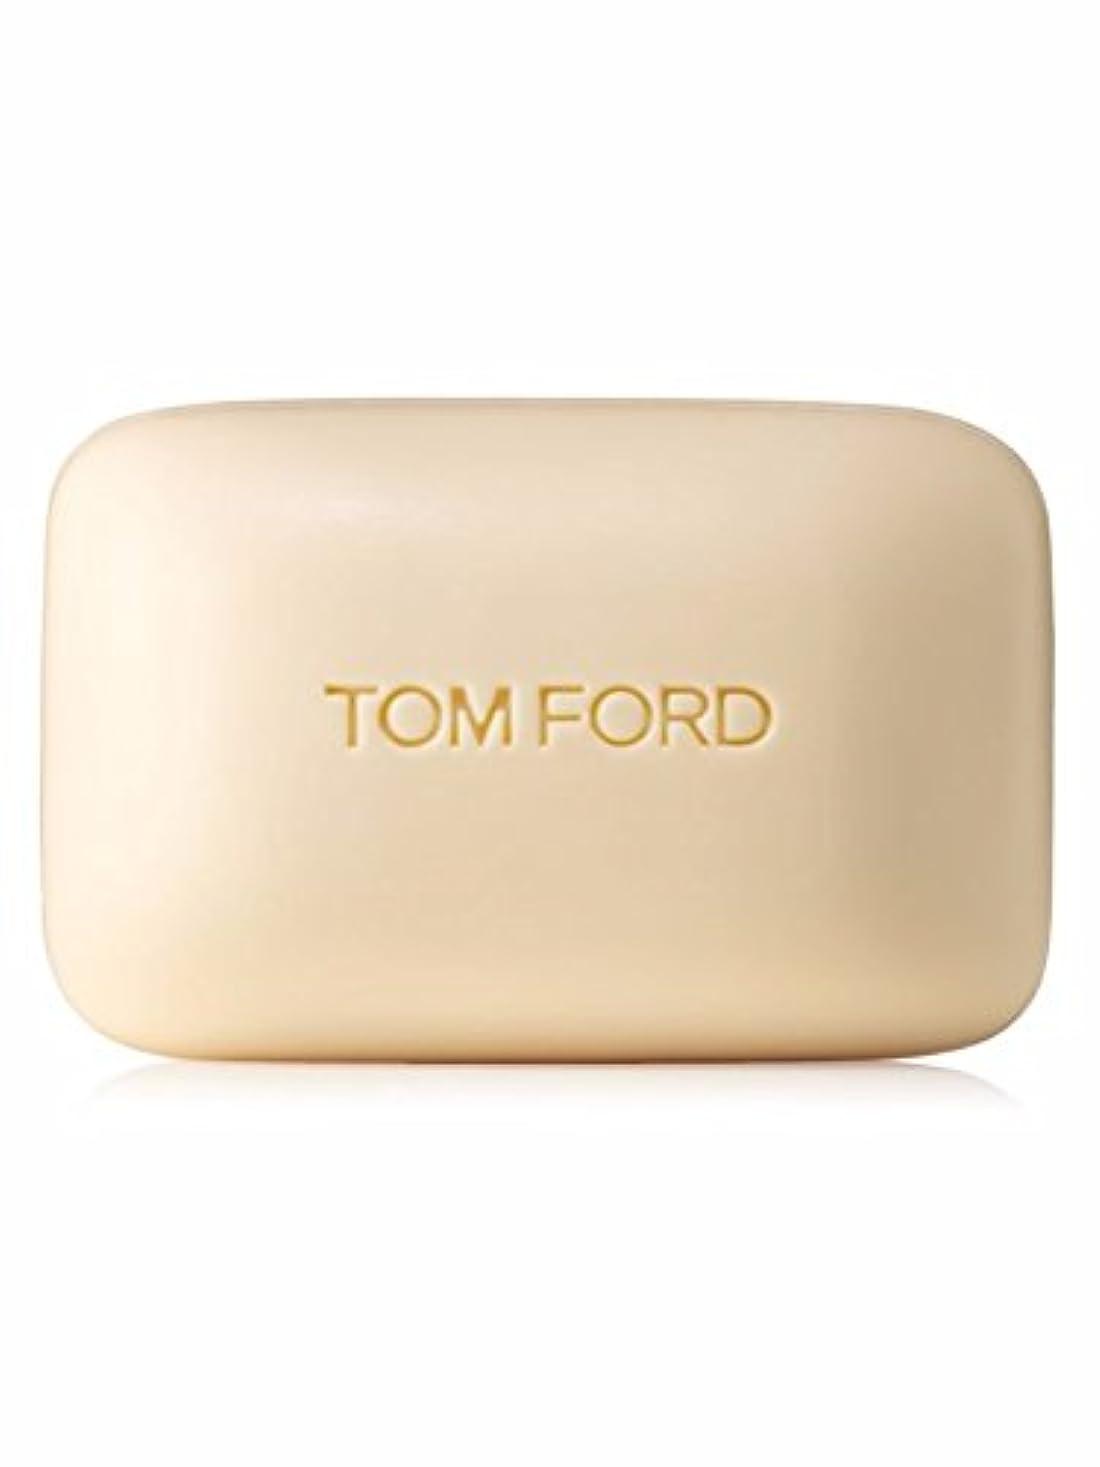 駐地驚かす平日Tom Ford Private Blend 'Neroli Portofino' (トムフォード プライベートブレンド ネロリポートフィーノ) 5.5 oz (165ml) Bar Soap (固形石鹸)